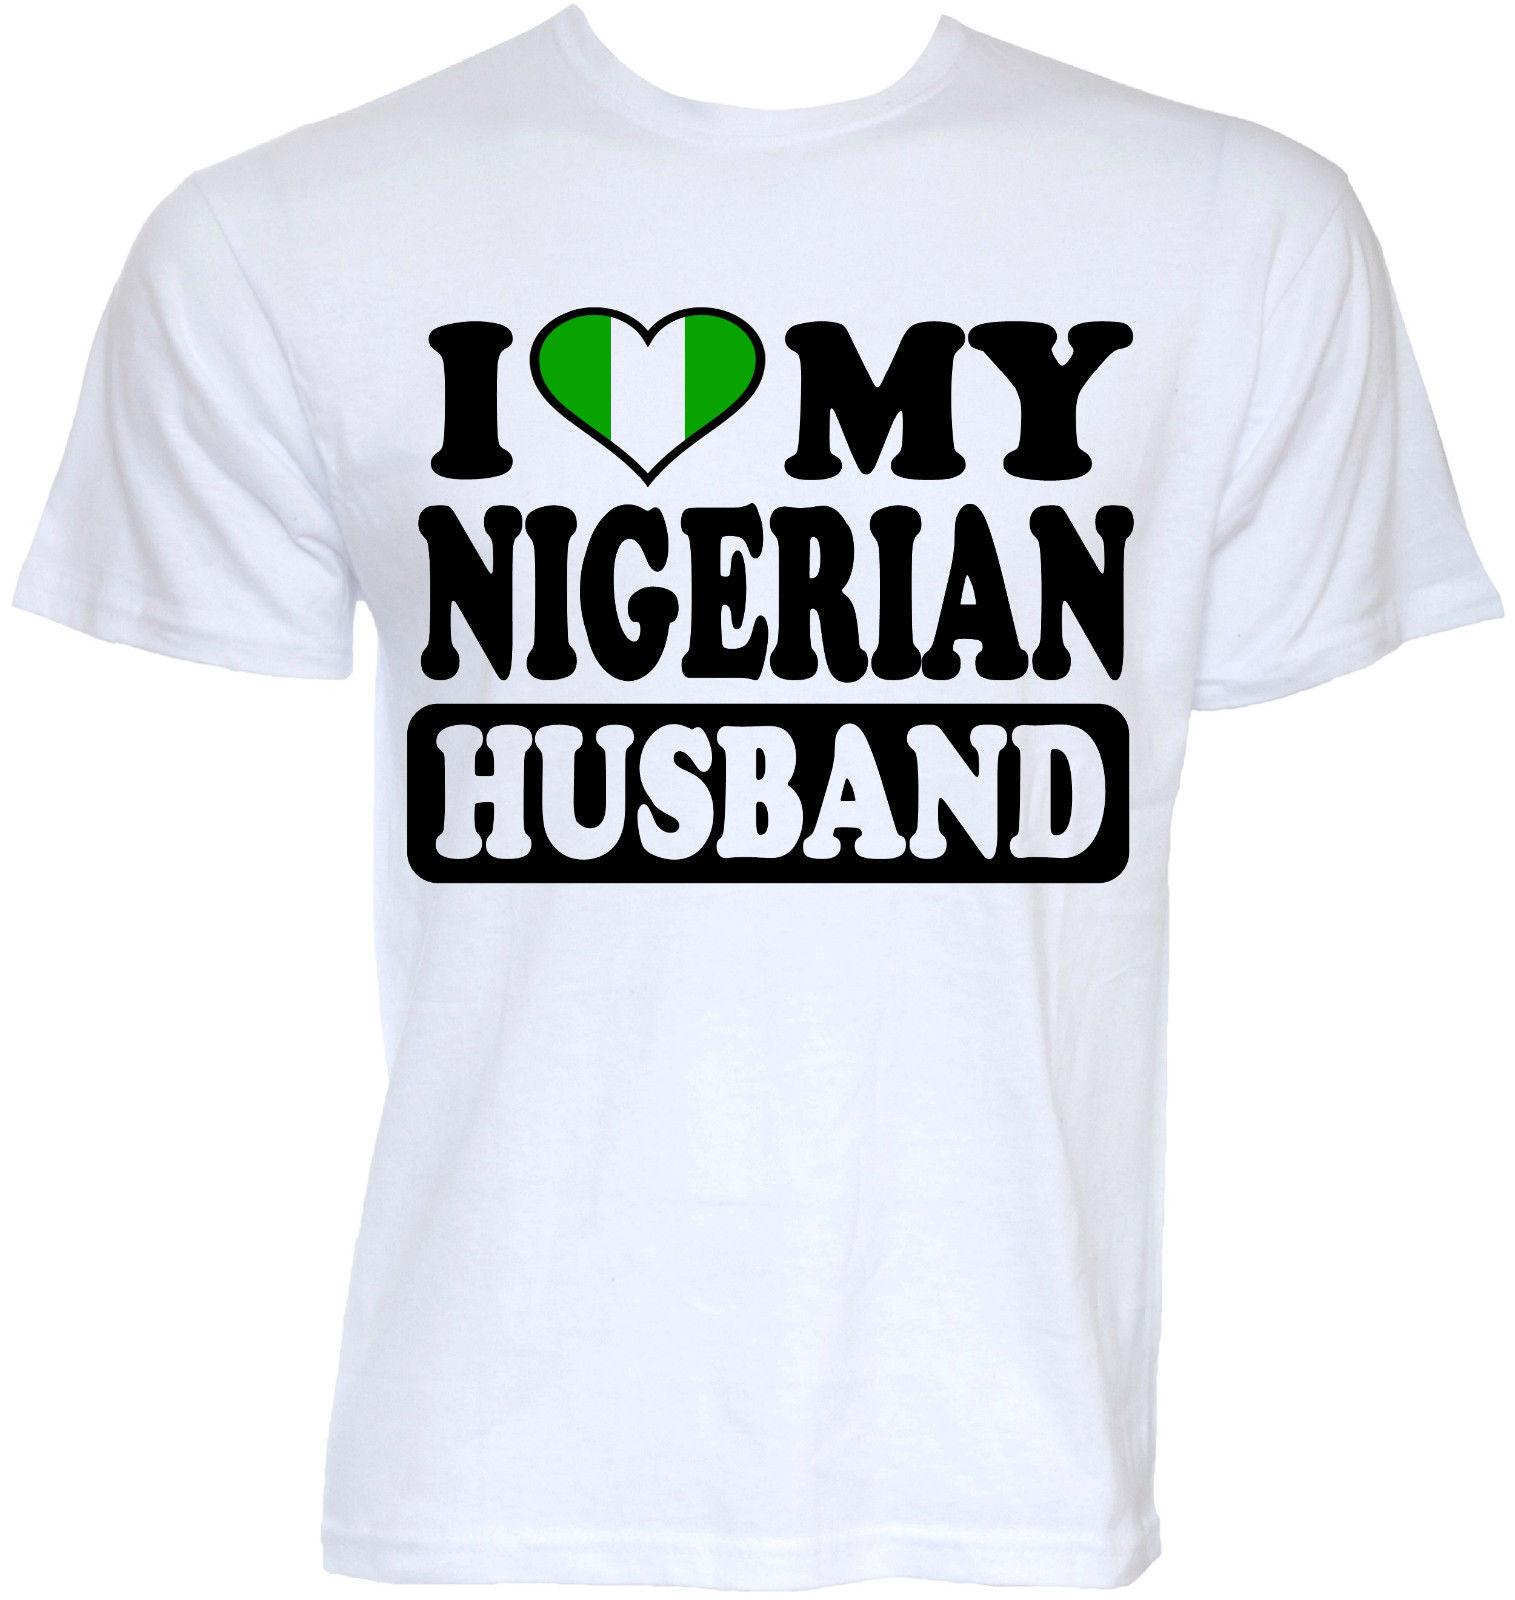 MENS DIVERTENTE NOVITÀ FRESCO NIGERIANO MARITO NIGERIA BANDIERA SLOGAN T-SHIRT SCHERZO REGALI Nuovo 2017 Cotone a Manica Corta T Shirt